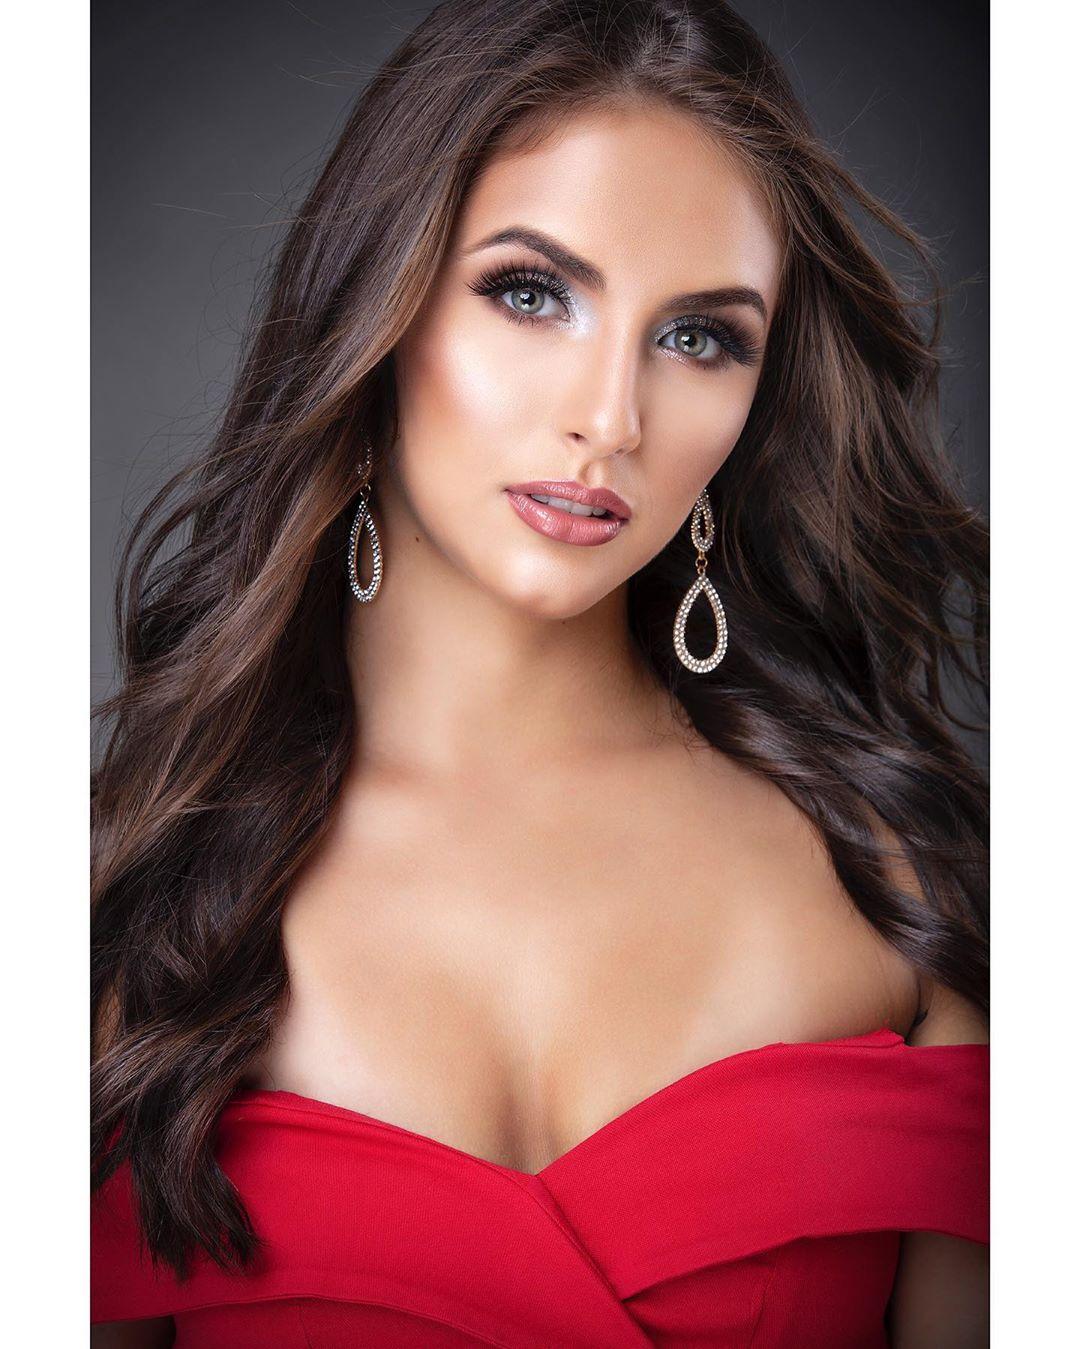 karol tillmann, miss brasil de las americas 2020. 75467918